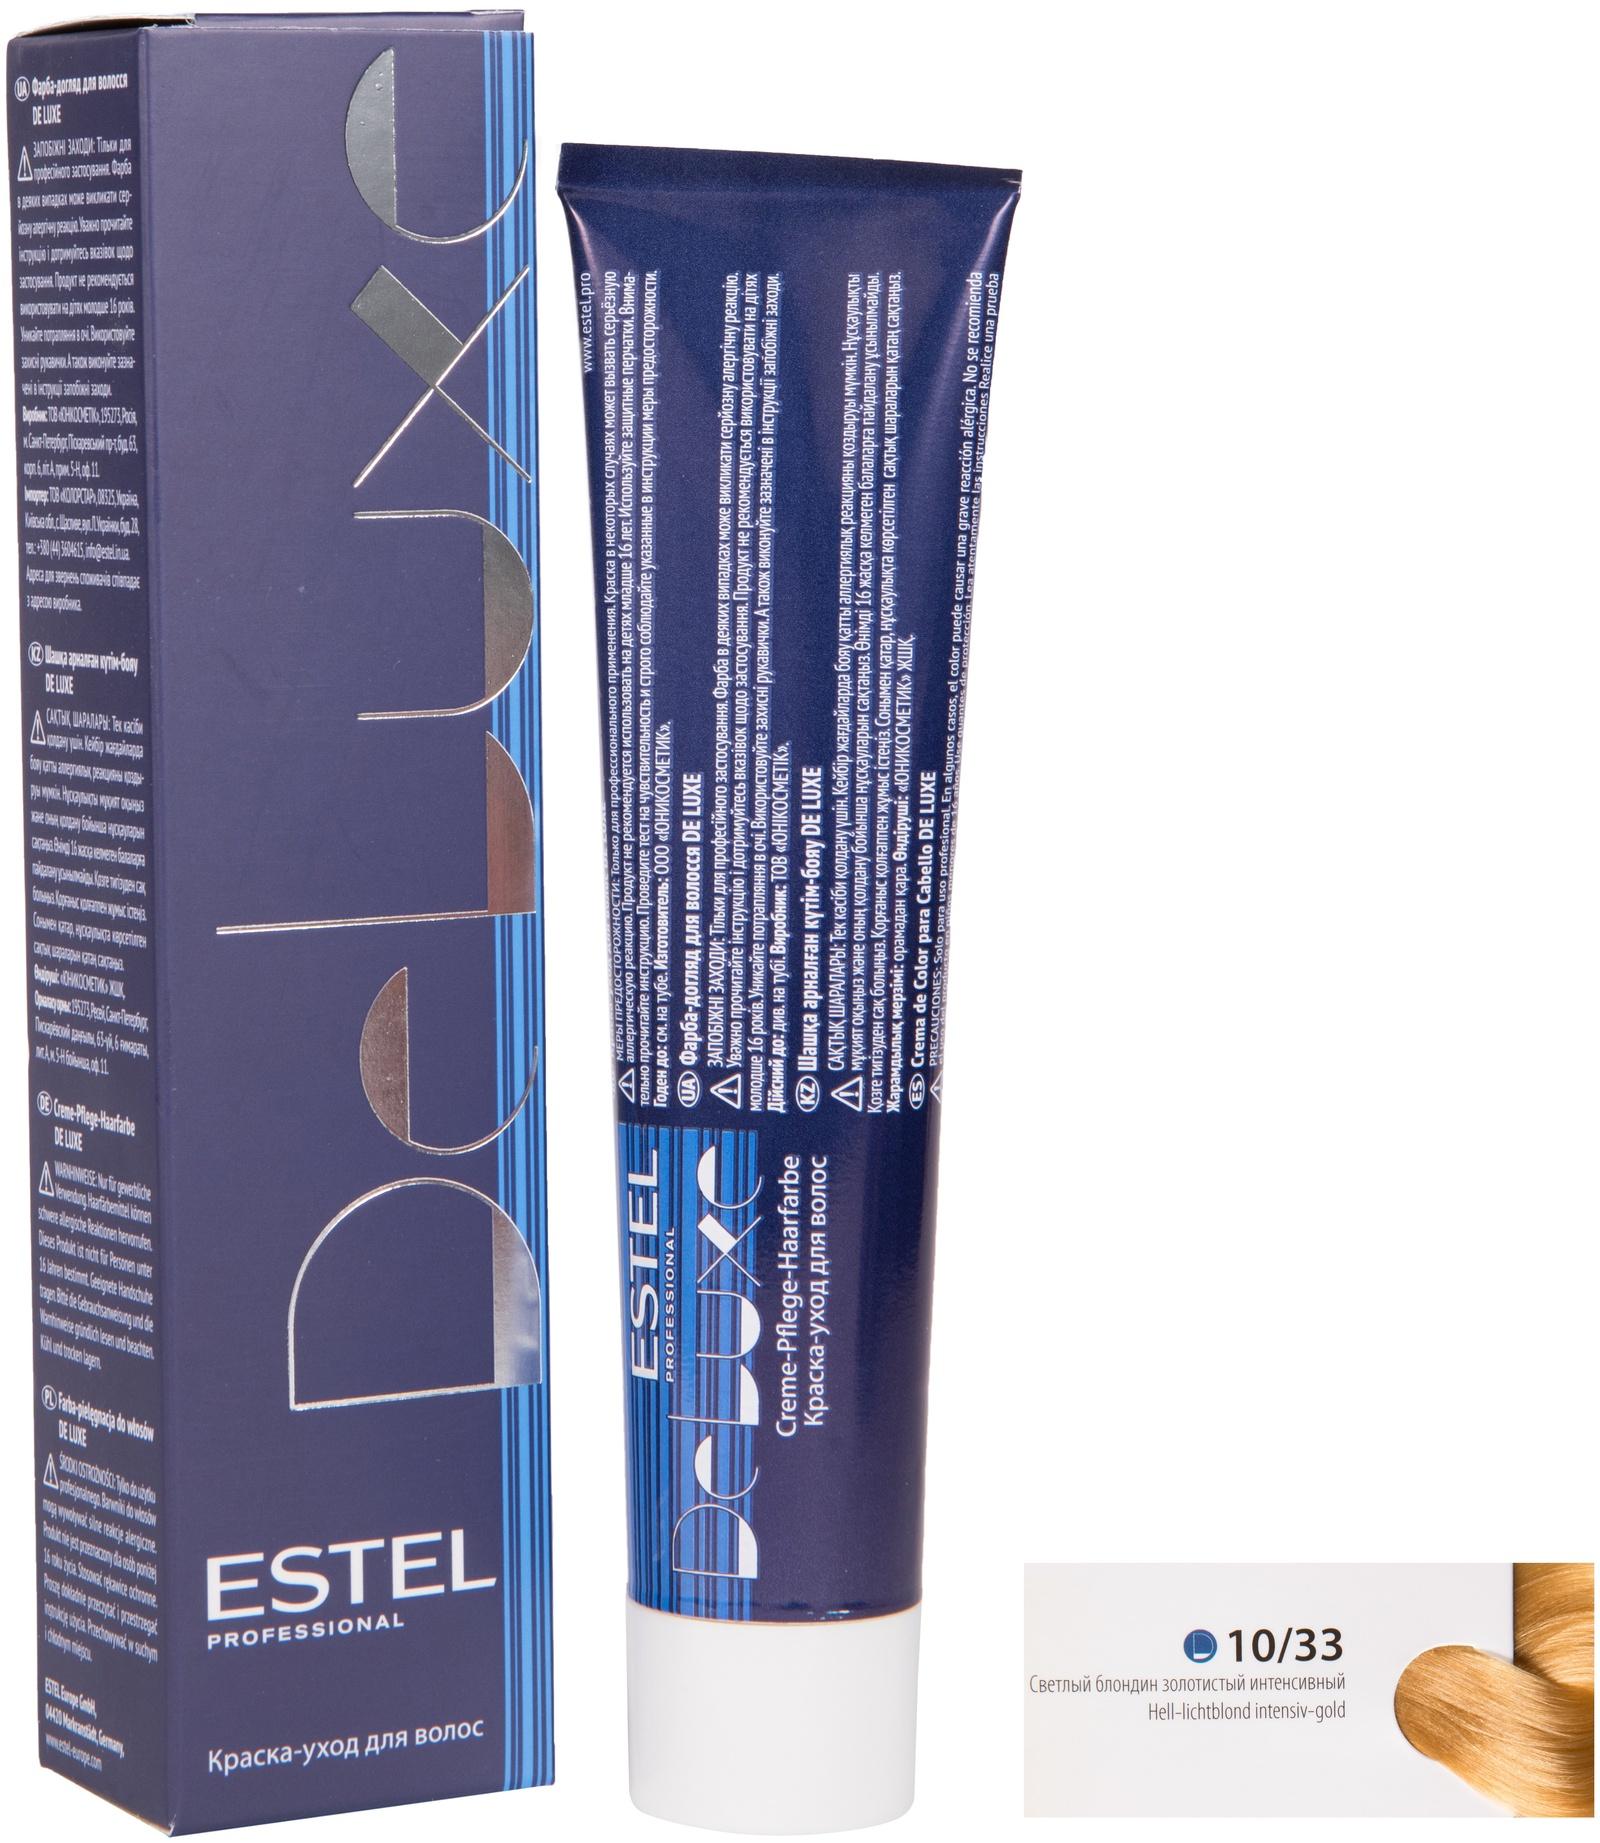 цена на Краска для волос ESTEL PROFESSIONAL 10/33 DE LUXE краска-уход для окрашивания волос, светлый блондин золотистый интенсивный 60 мл